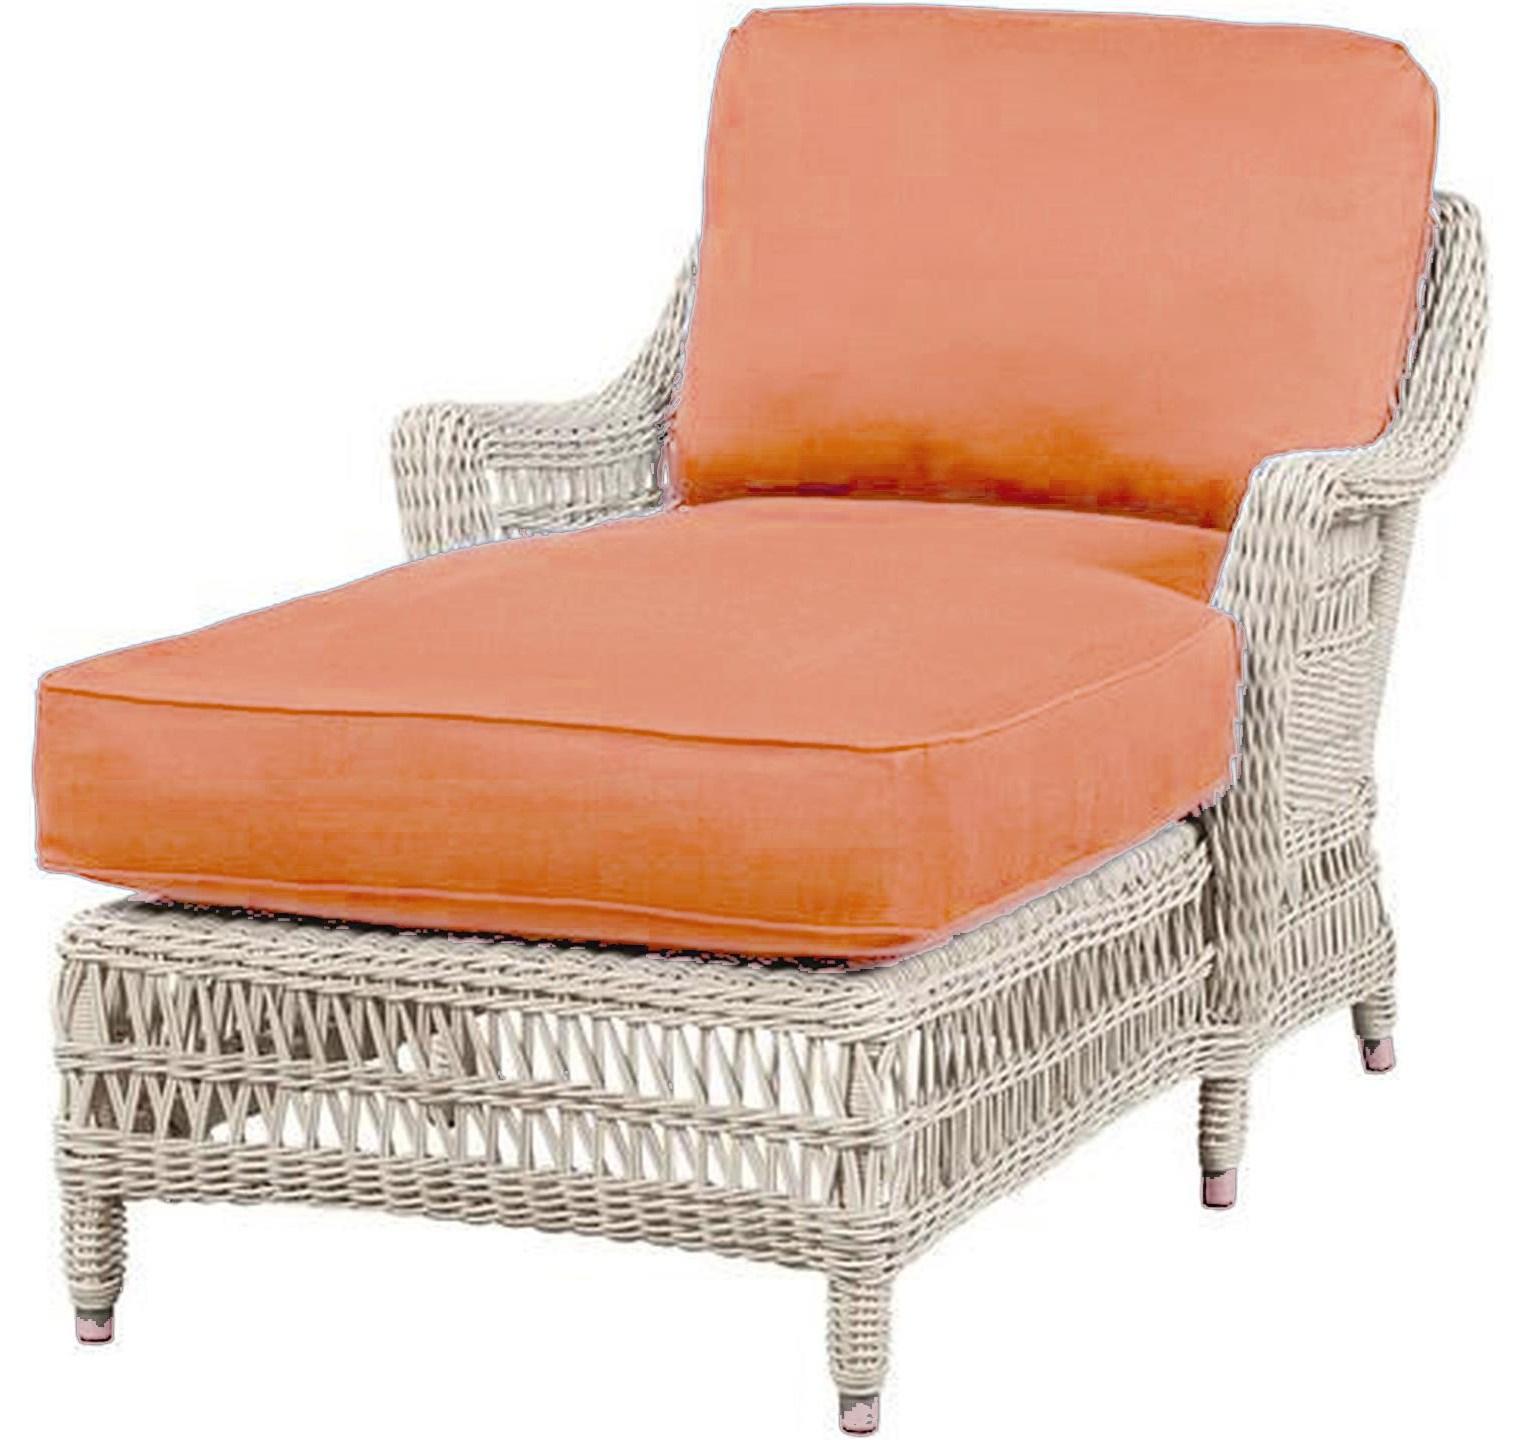 Paddock Chaise